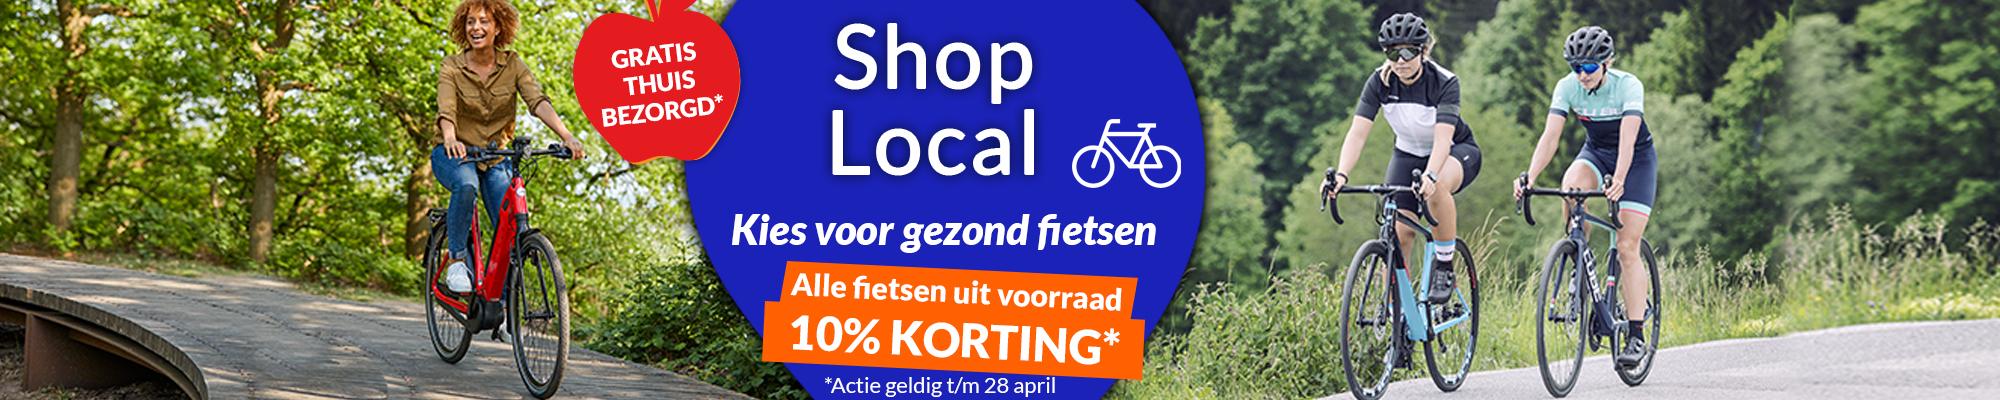 Sportief op de fiets met 10% korting en gratis bezorging